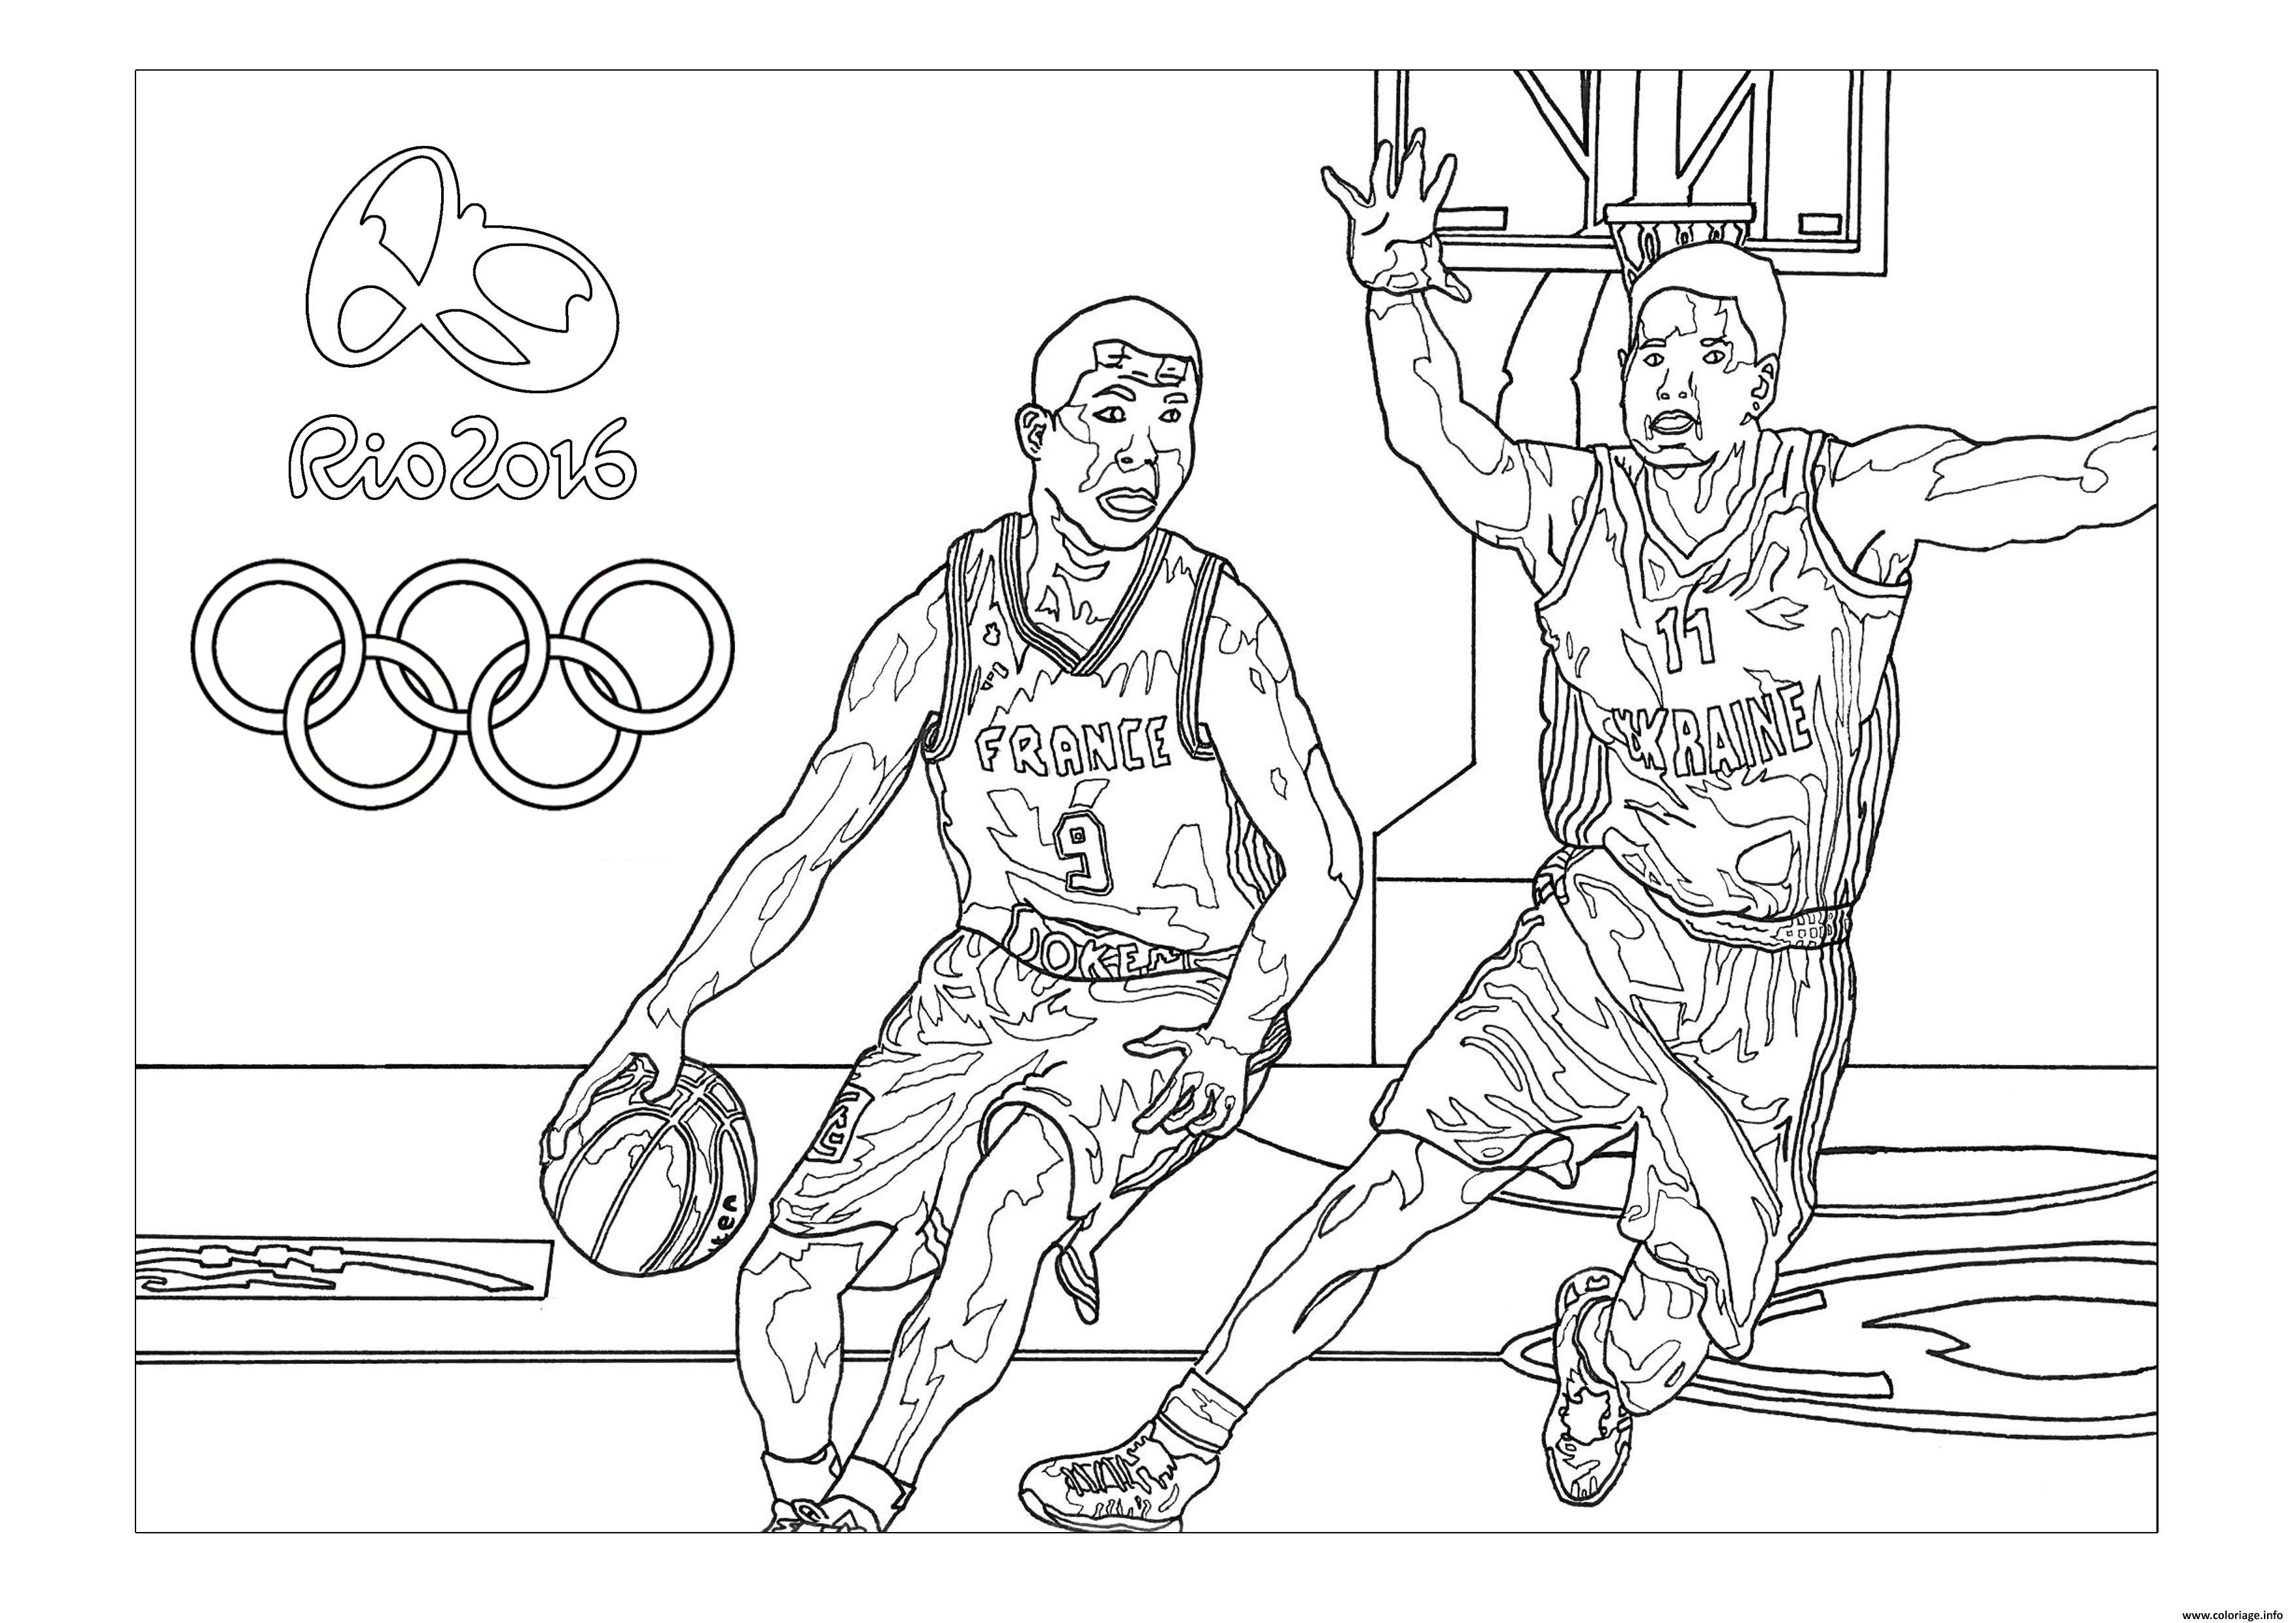 Dessin rio 2016 jeux olympiques basketball Coloriage Gratuit à Imprimer